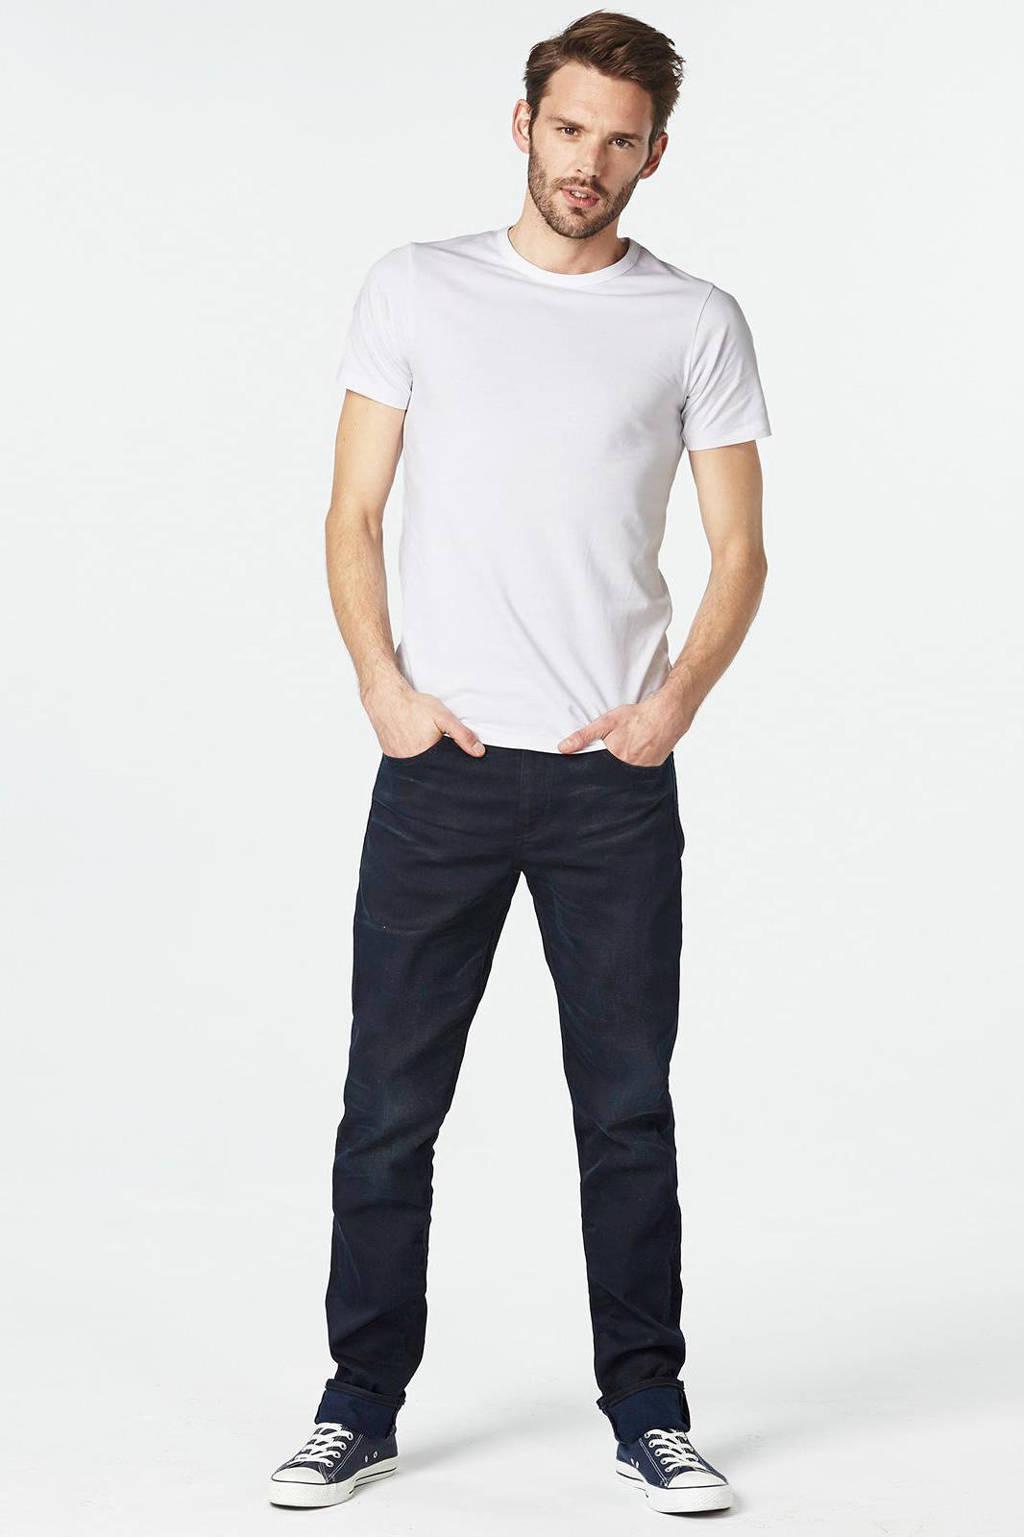 Jack & Jones T-shirt (set van 2), Wit